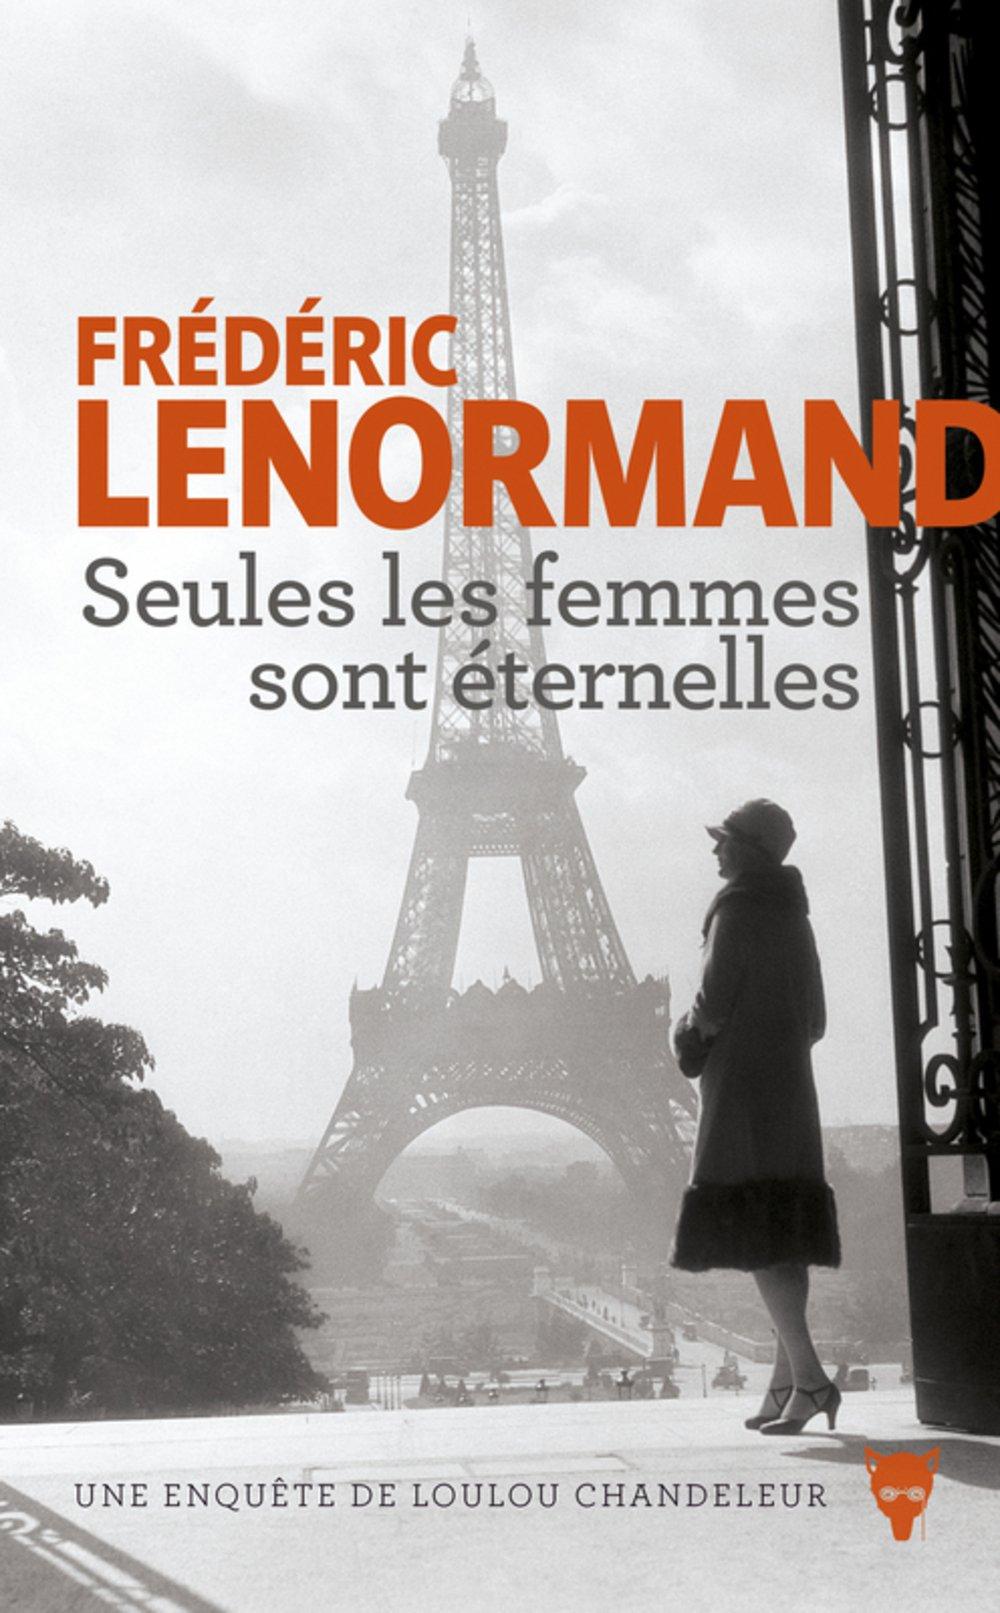 Seules les femmes sont éternelles Broché – 2 novembre 2017 Frederic Lenormand La Martinière 2732486663 Policier historique